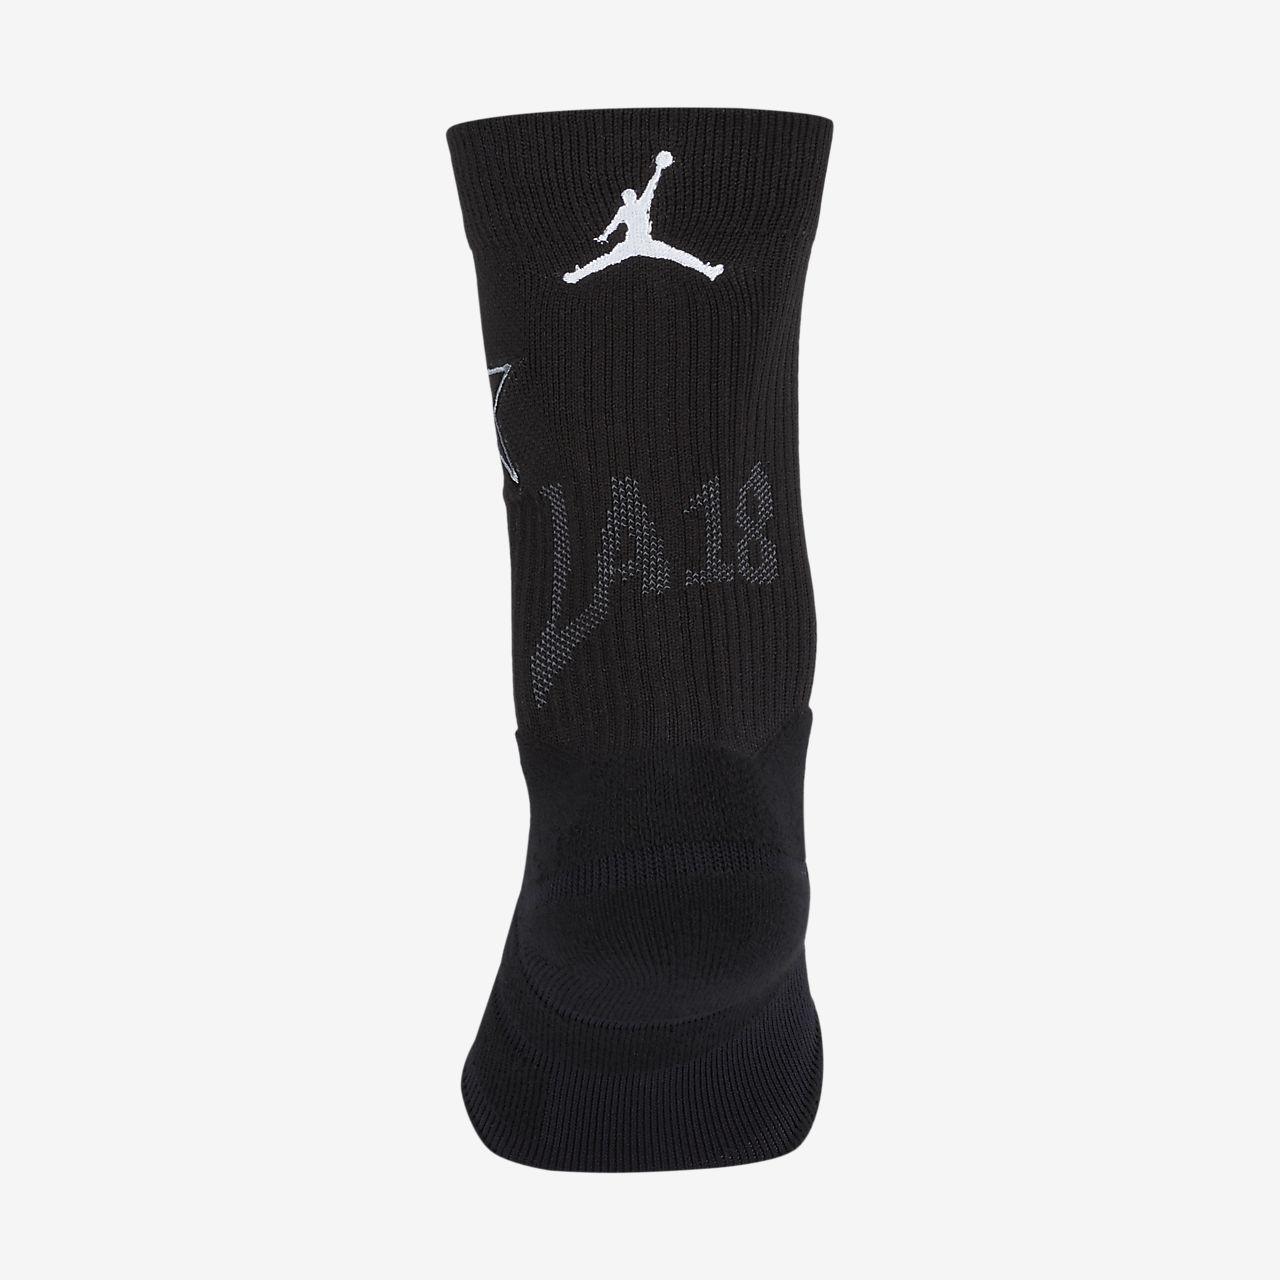 5fdad9a45a1 All-Star Edition Nike Elite Quick Unisex NBA Crew Socks. Nike.com AU